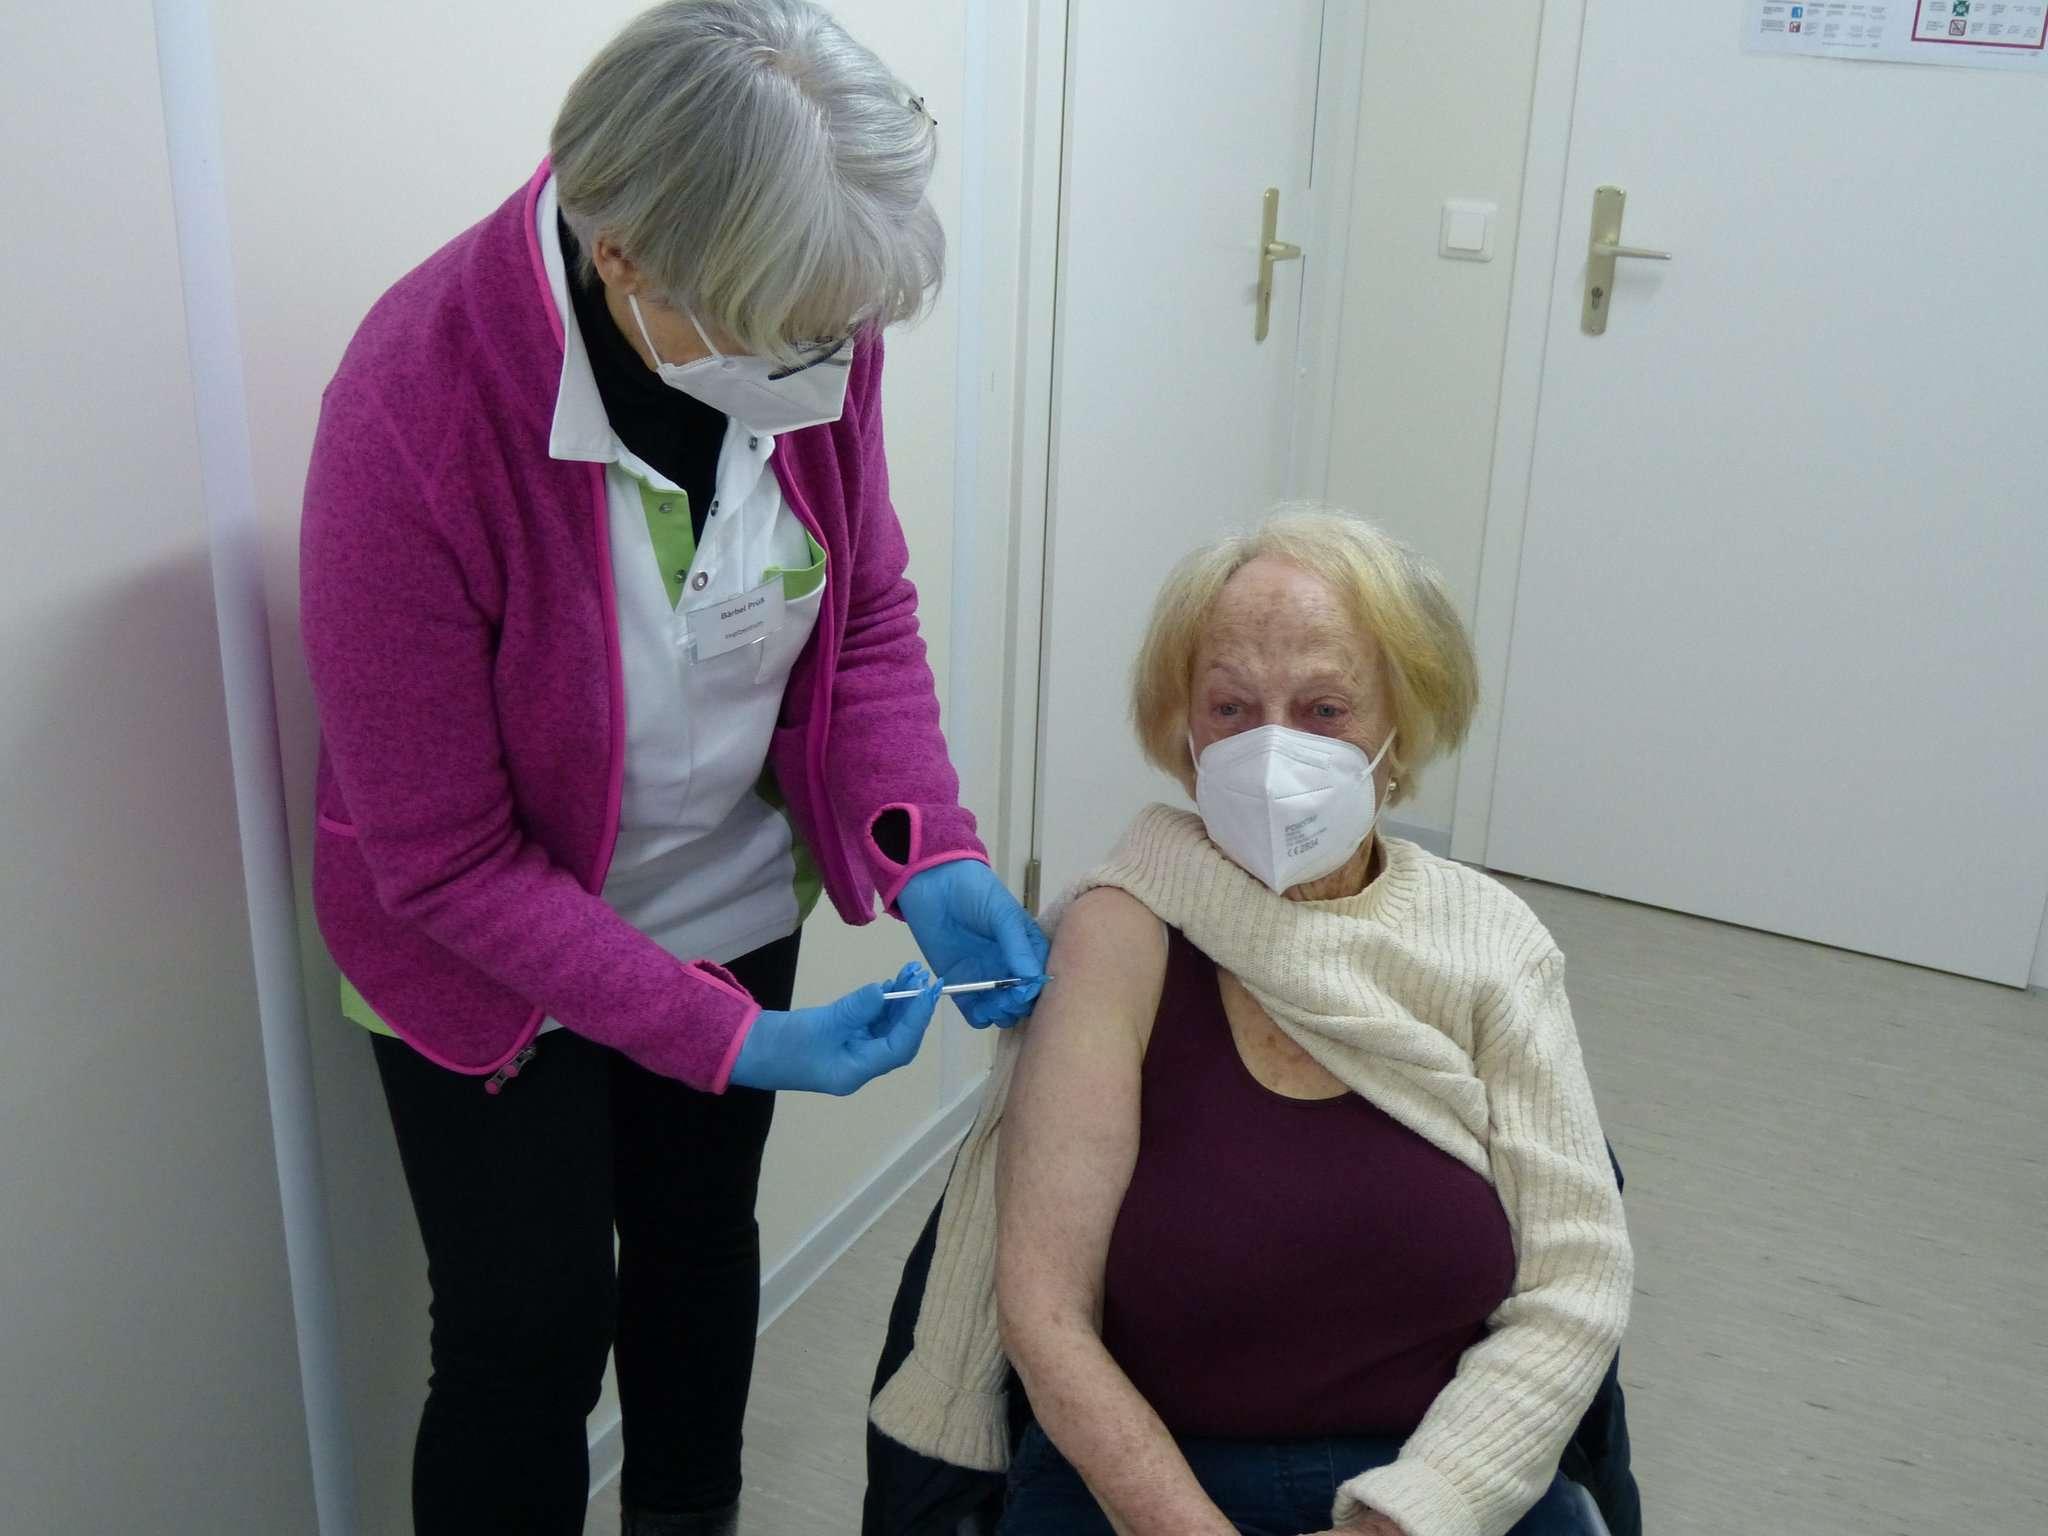 Inge Herzberg (rechts) aus Verden gehört zu den ersten über 80-Jährigen aus dem Landkreis Verden, die im Impfzentrum Verden geimpft wurden. Foto: Landkreis Verden